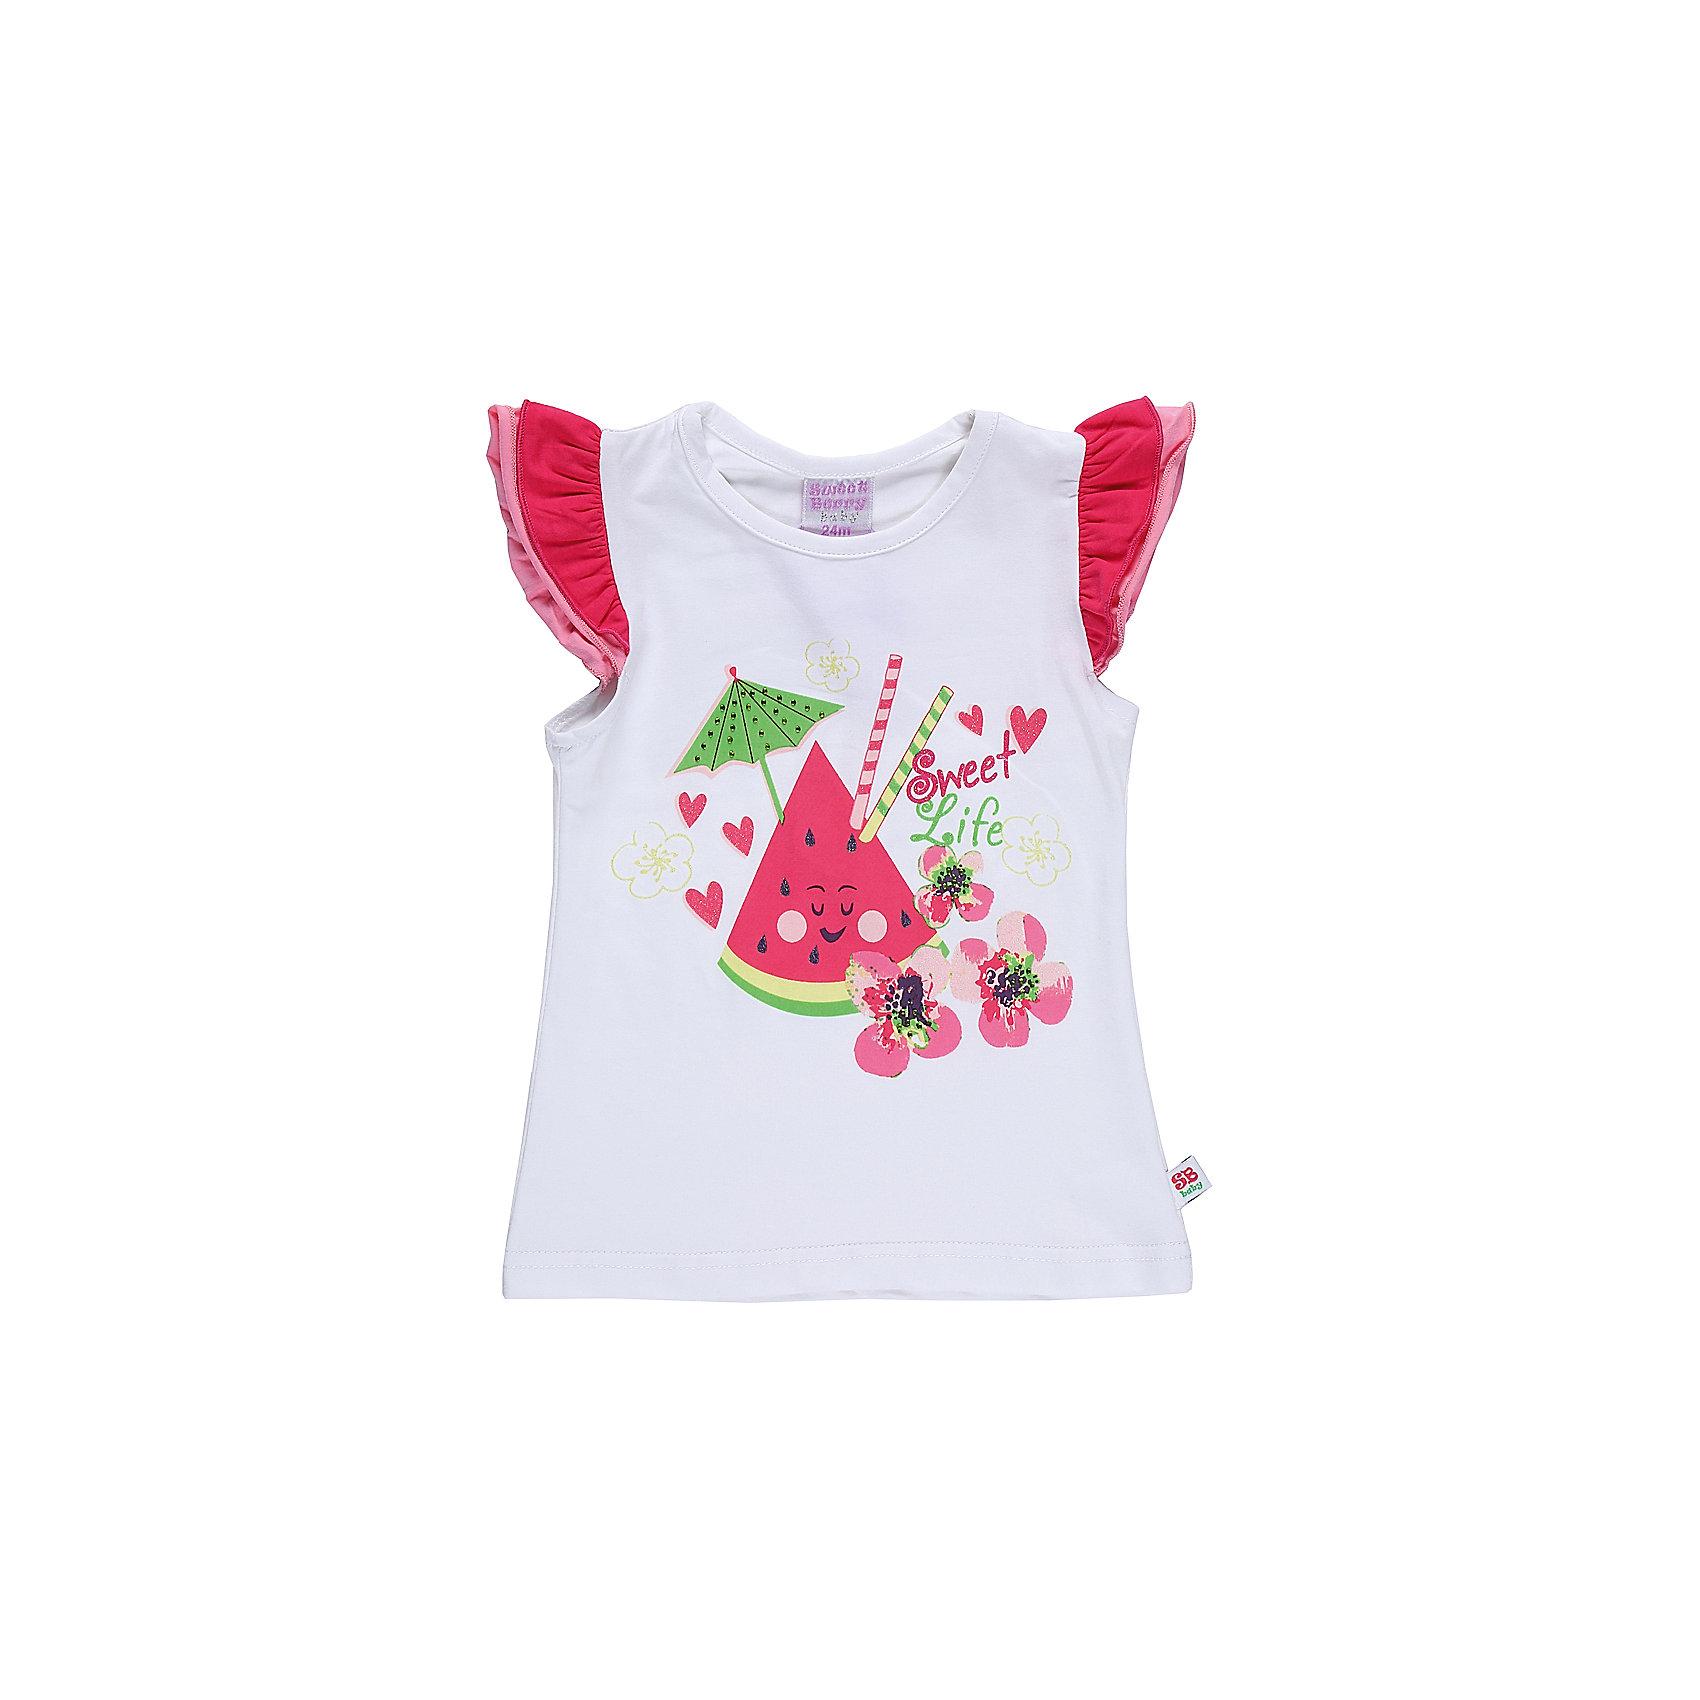 Футболка для девочки Sweet BerryФутболки, топы<br>Хлопковая футболка для девочки с фруктовым принтом. Рукава декорированы многослойными воланами.<br>Состав:<br>95%хлопок 5%эластан<br><br>Ширина мм: 199<br>Глубина мм: 10<br>Высота мм: 161<br>Вес г: 151<br>Цвет: белый<br>Возраст от месяцев: 12<br>Возраст до месяцев: 15<br>Пол: Женский<br>Возраст: Детский<br>Размер: 80,86,92,98<br>SKU: 5411343